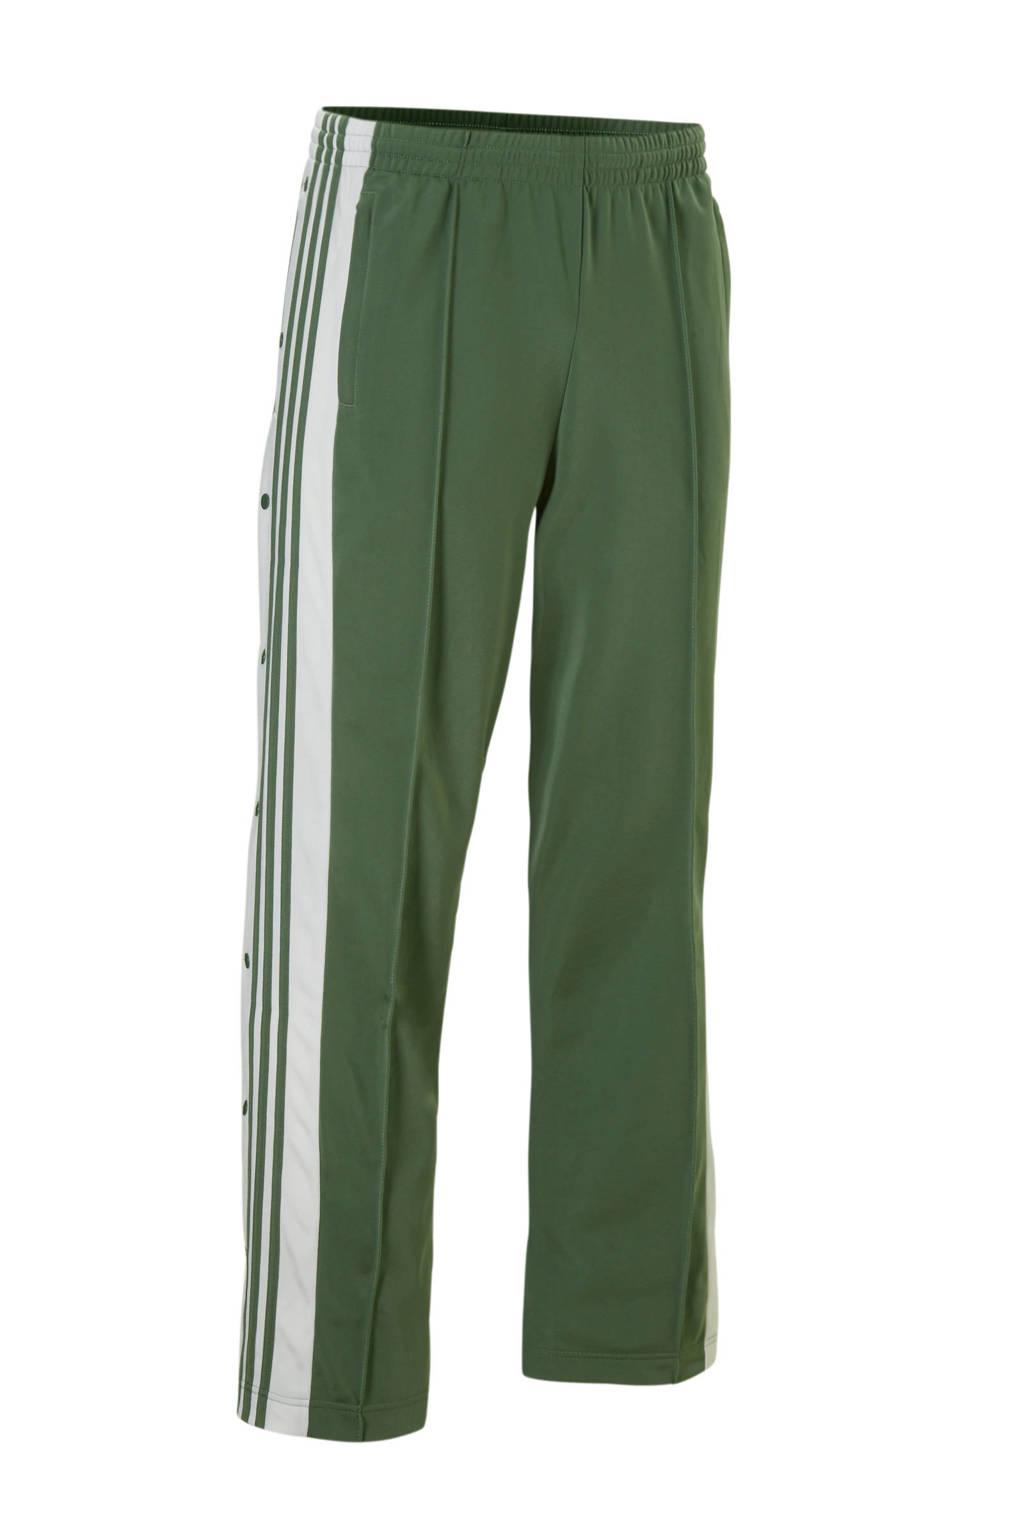 adidas originals broek groen, Groen